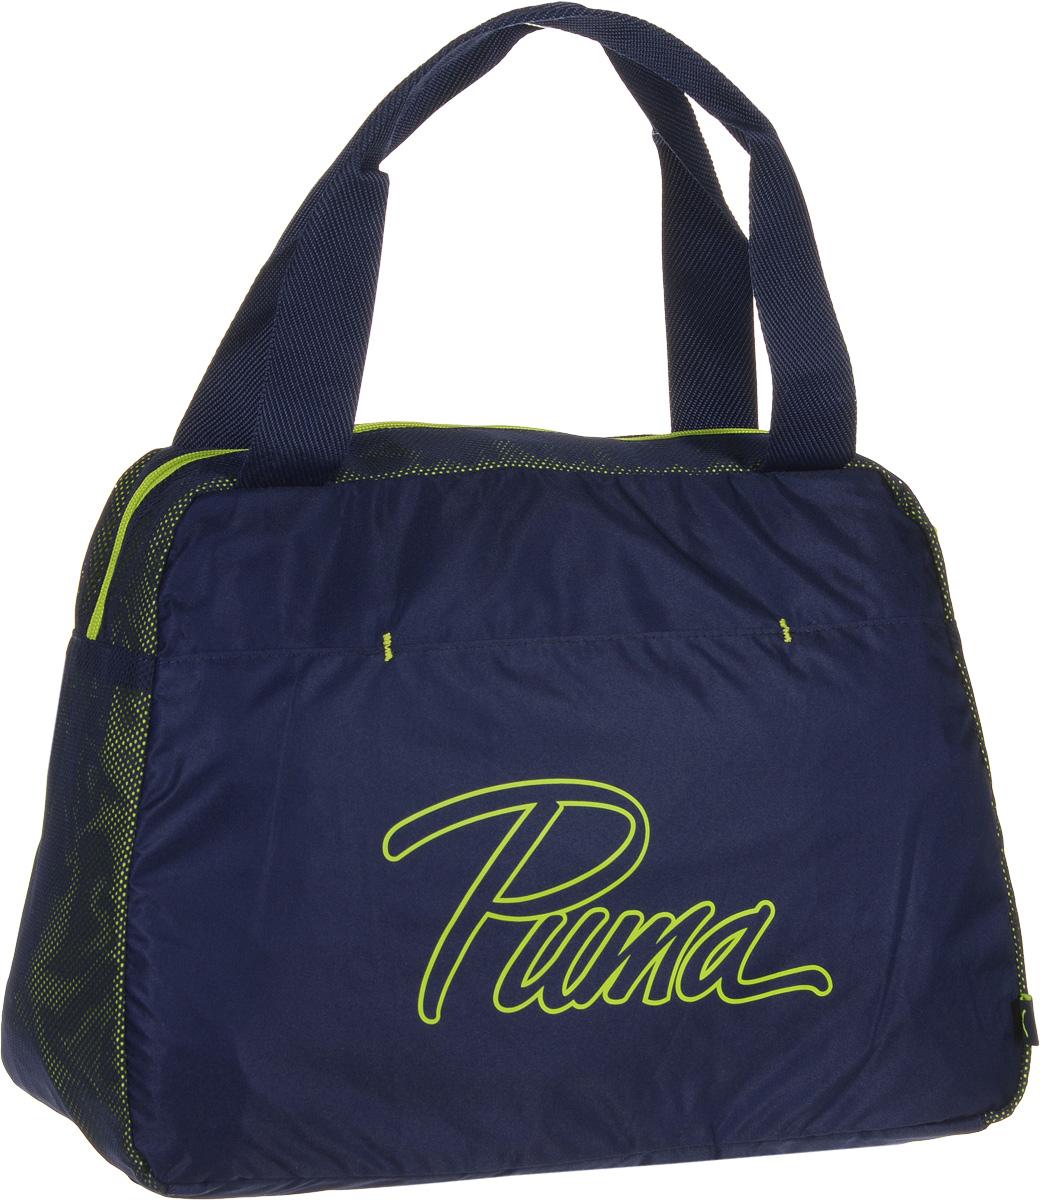 Сумка женская Puma Core Grip Bag, цвет: синий. 0737960607379606Сумка Puma Core Grip Bag - удобная сумка для небольших путешествий, прогулок или работы. В ее вместительном основном отделении вы сможете хранить все нужные вам вещи. Главное отделение на молнии с двумя бегунками. Внутри оснащено двумя накладными карманами и карманом на молнии. На внешней стороне - открытый карман. Строгий и стильный дизайн этой сумки дополнен логотипом Puma. Удобные ручки из ткани обладают высокой прочностью, а дно сумки держит форму. Основанный в 1948 году бренд Puma стал выбором многих героев мирового спорта. Дизайн Puma сосредоточен на стиле и функциональности моделей, поэтому коллекции брендовой одежды и обуви сочетают современный стиль с инновационными спортивными технологиями.